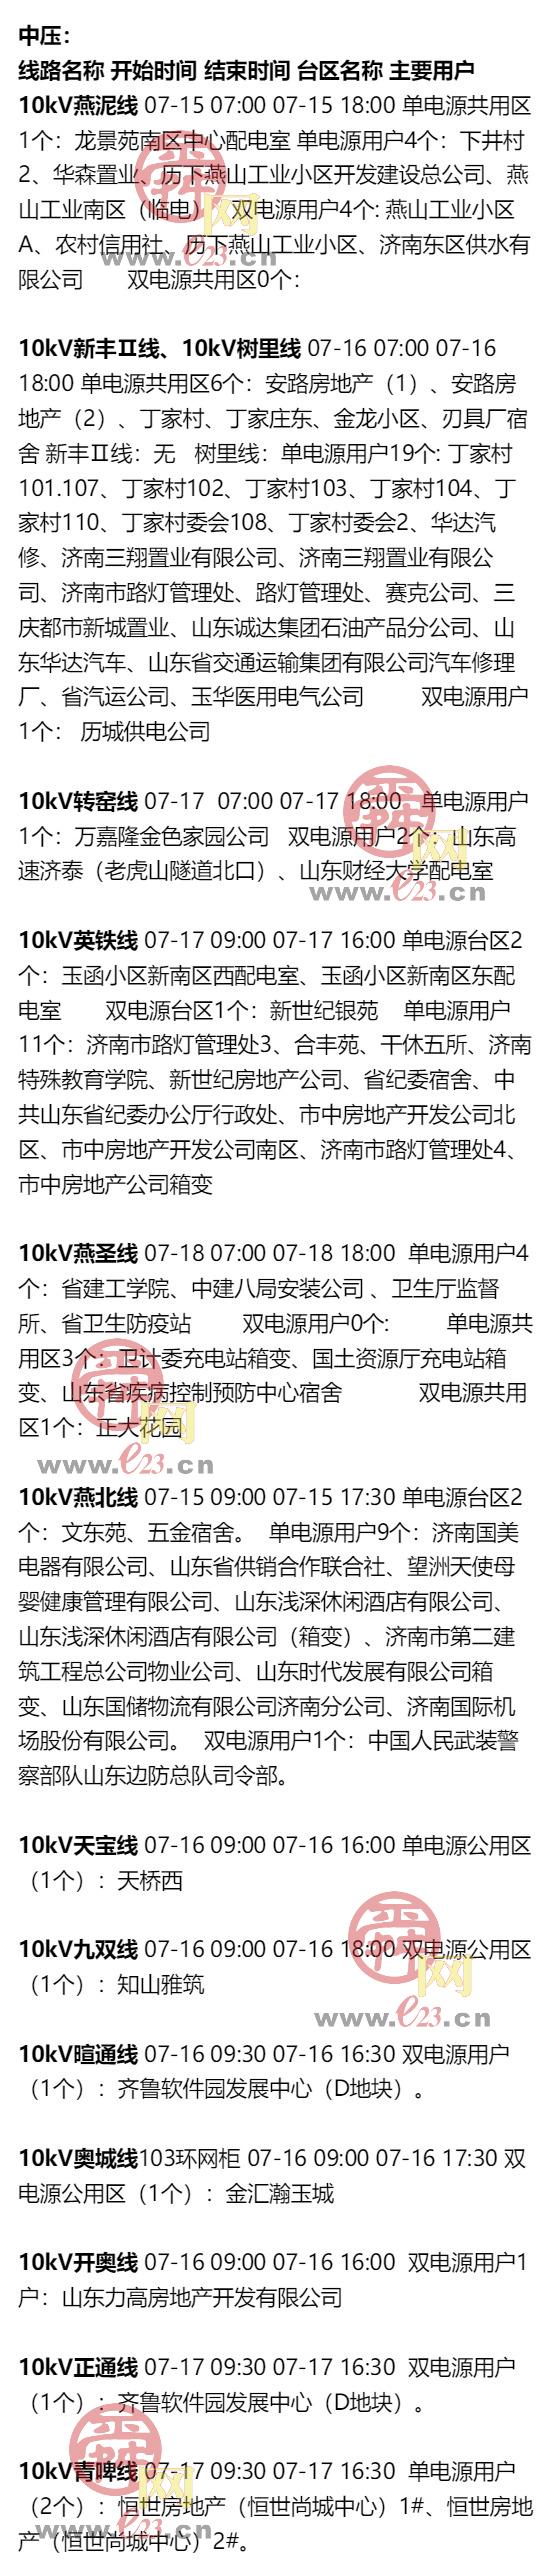 7月13日至7月19日济南部分区域电力设备检修通知